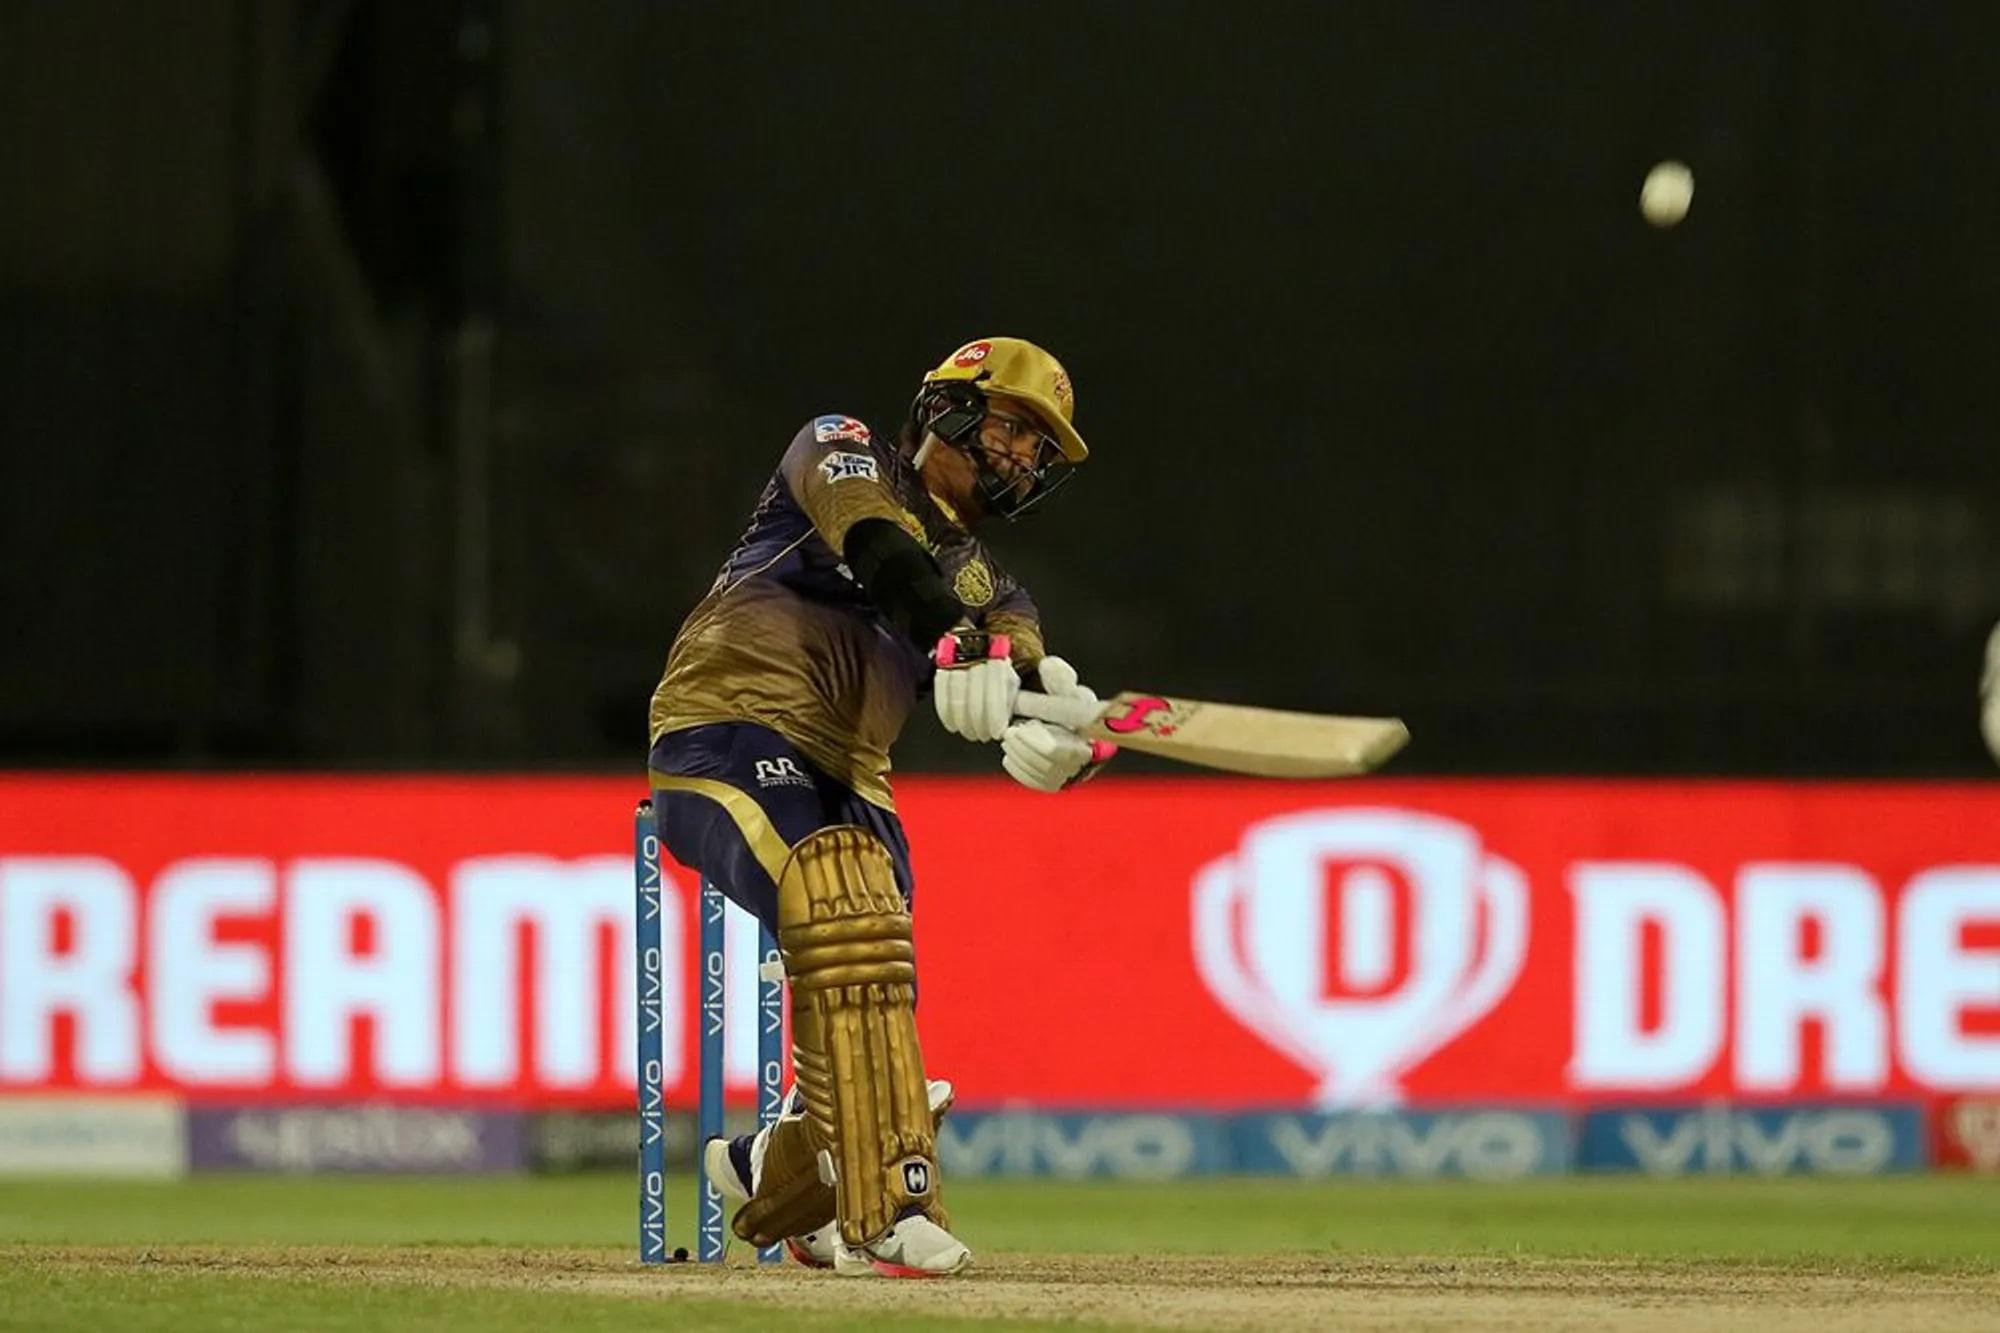 सुनील नरेन जब बैटिंग करने आए तो डैन क्रिश्चिन की 3 गेंदों पर 3 लगातार छक्के जड़ दिए। सिर्फ 15 गेंद में 26 रन की पारी खेली। वो कोलकाता की पारी का 12वां ओवर था। वहीं से पूरा मैच पलट गया। वरना कोहली की टीम ने छोटे स्कोर पर भी मैच पर ग्रिप बना ली थी।